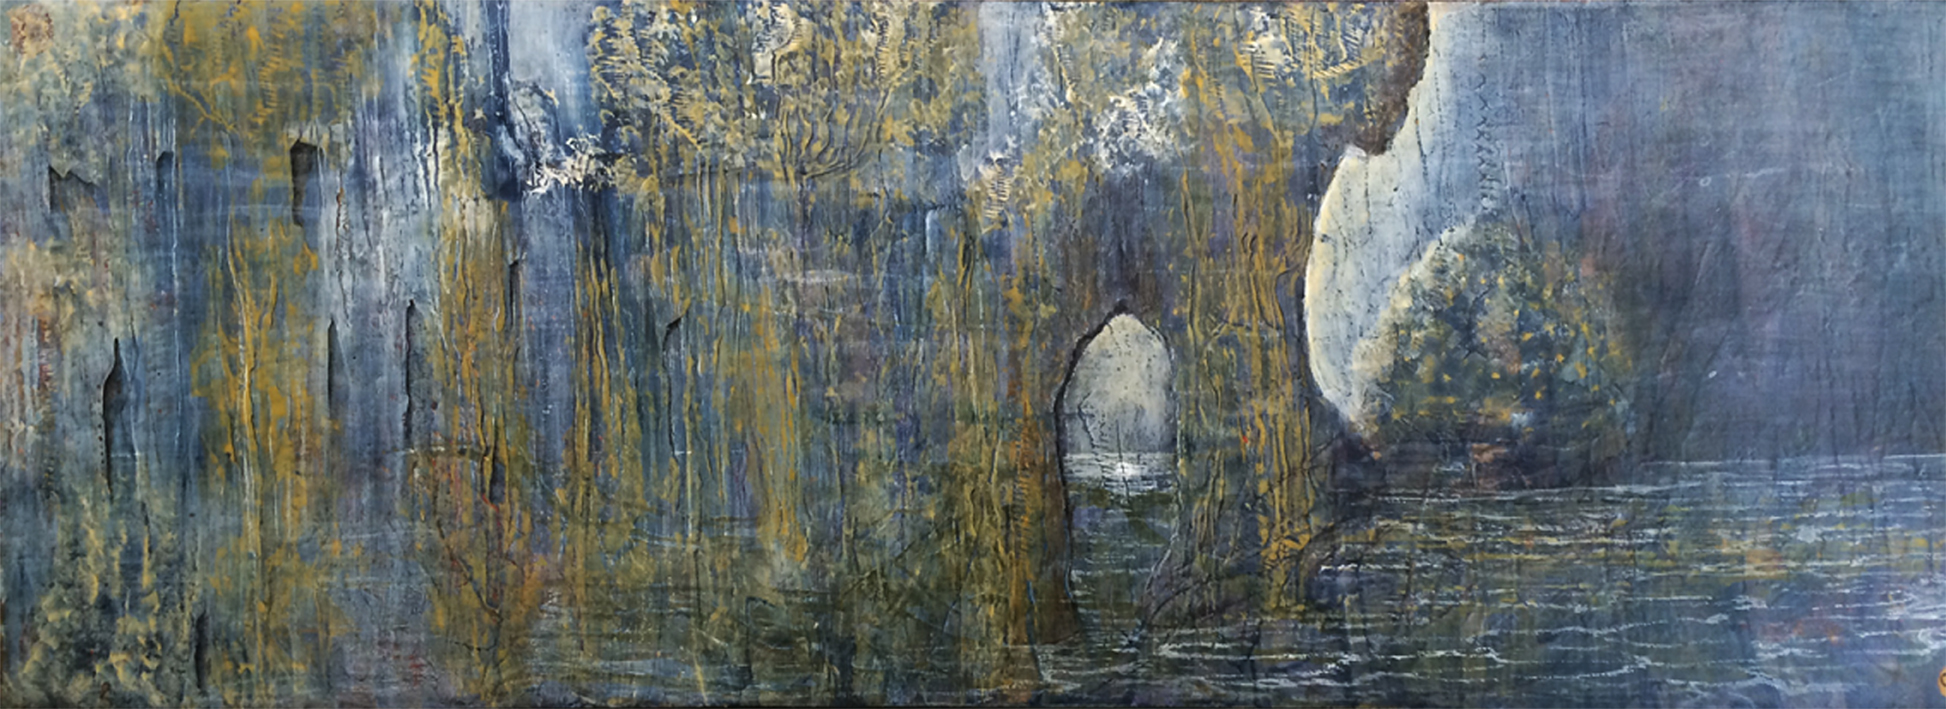 Le passage (collection privée)